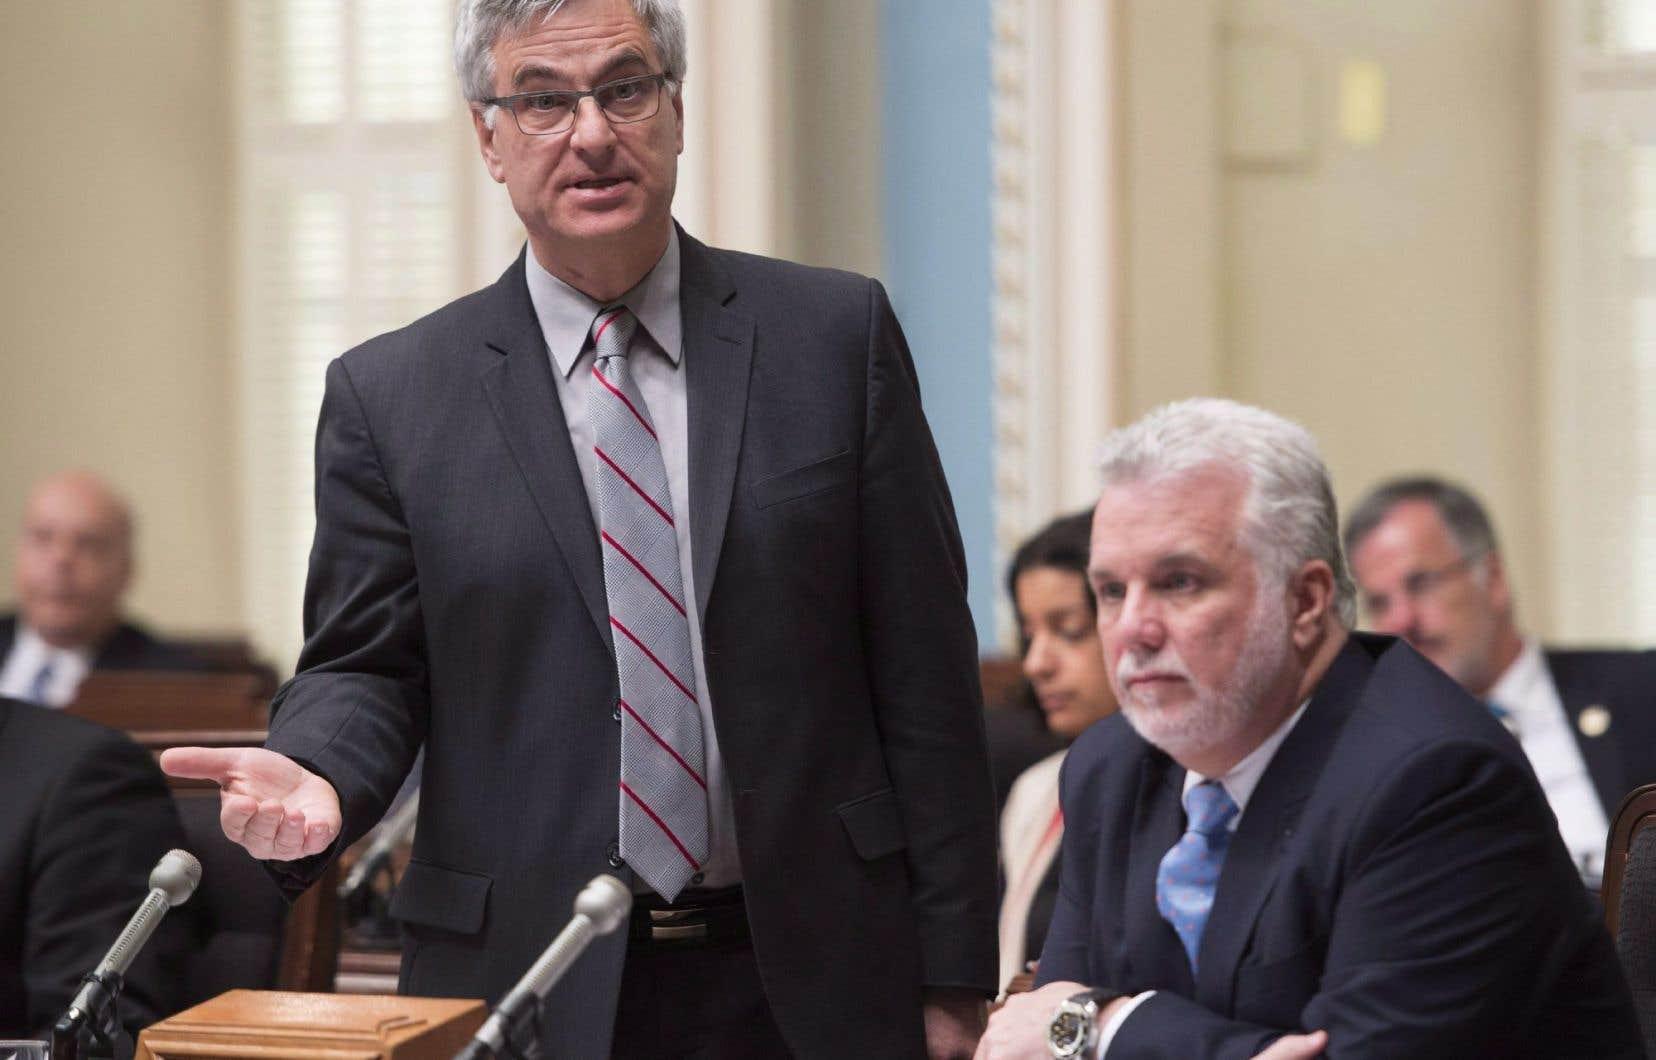 Le leader parlementaire du gouvernement du Québec, Jean-Marc Fournier